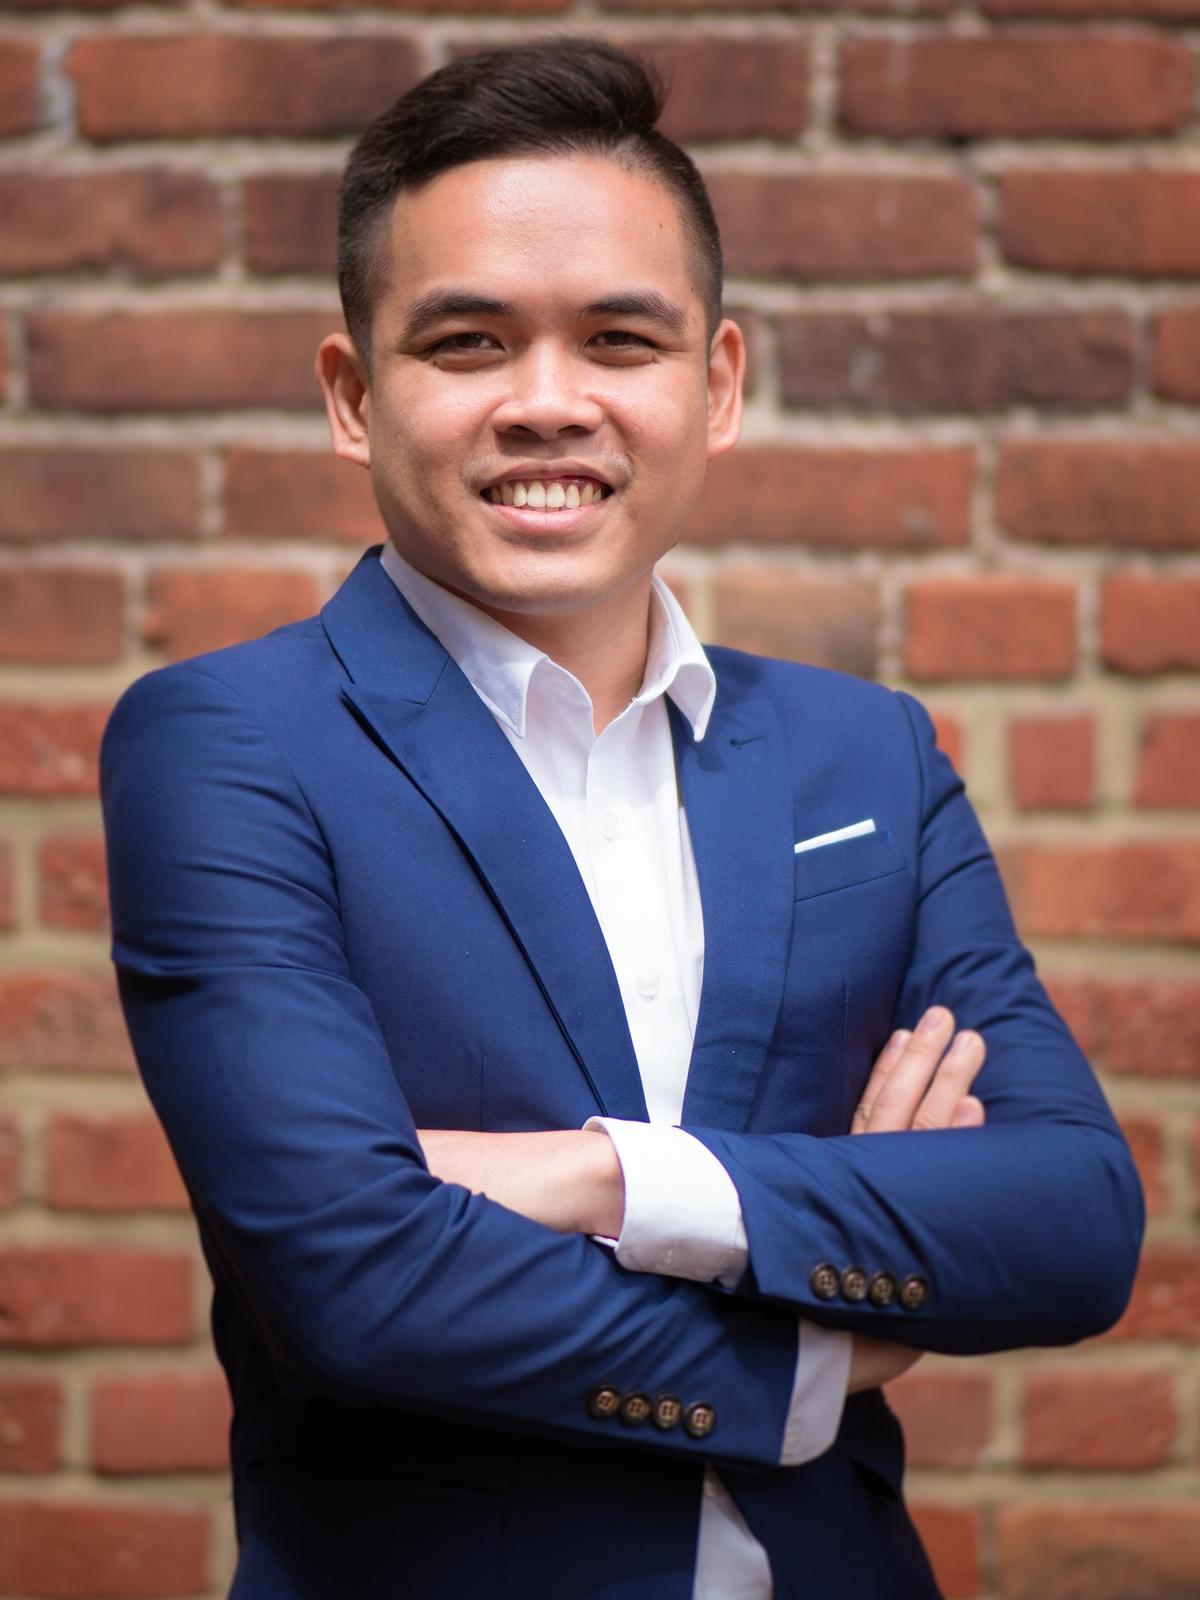 Anh Đinh Lê Vũ, hiện sống và làm việc tại Mỹ. Ảnh: Nhân vật cung cấp